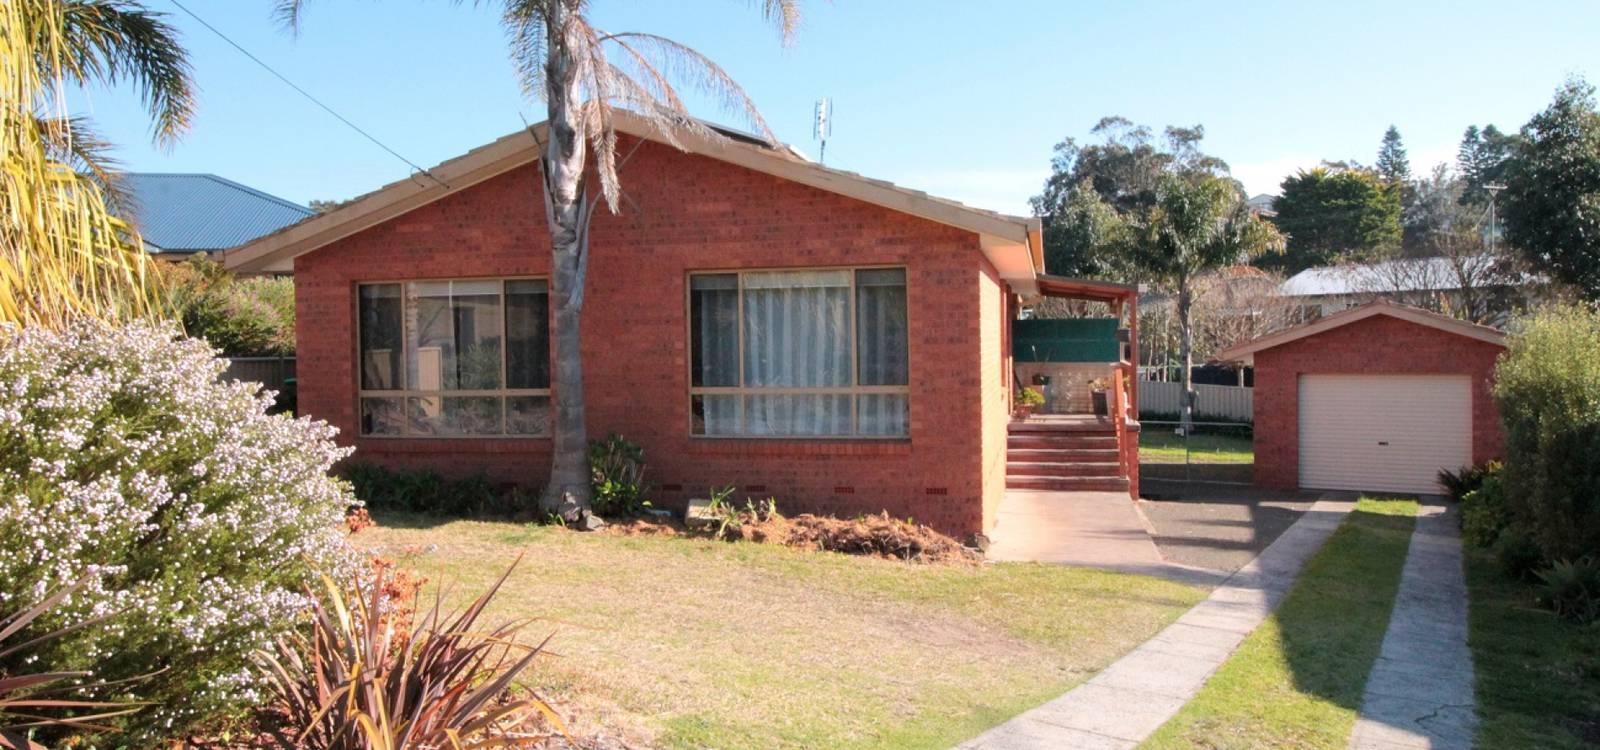 23 Grenville Avenue TUROSS HEAD, NSW 2537 - photo 1